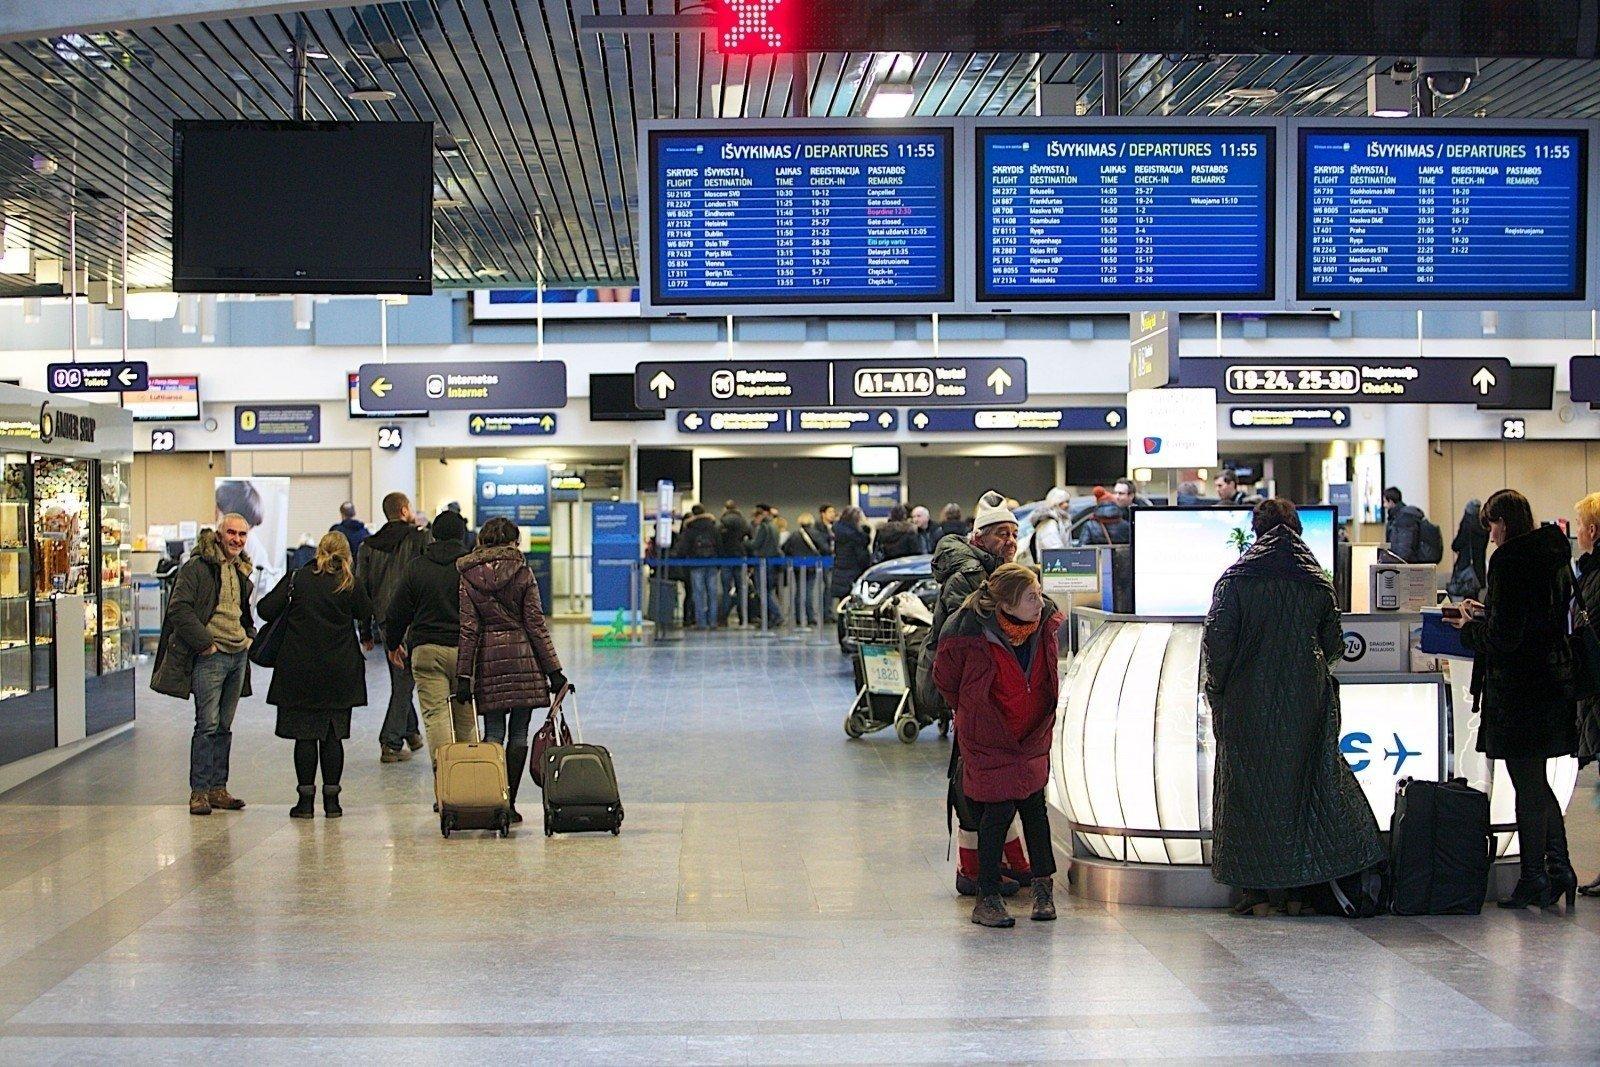 Kelionių organizatoriai privalės užtikrinti, kad keliautojai turėtų neigiamą COVID-19 testą